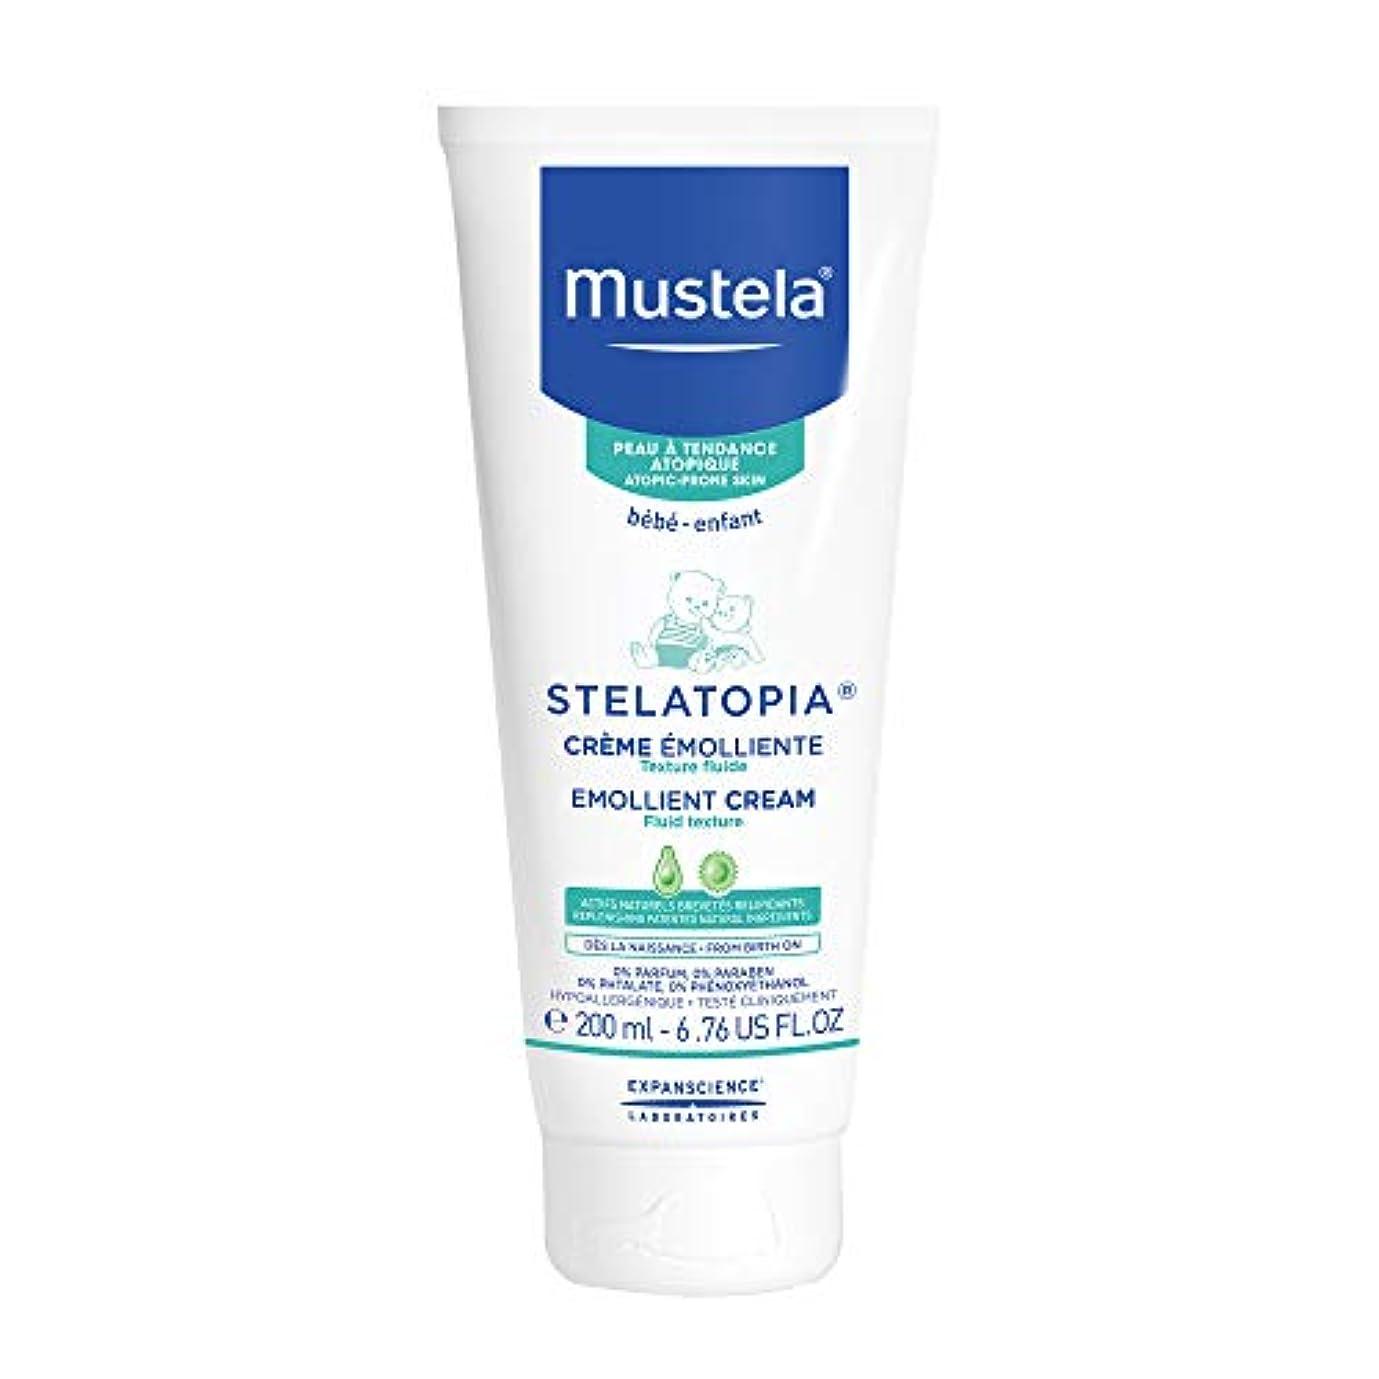 懇願するの慈悲で監督するMustela - Stelatopia Emollient Cream (6.76 oz.)